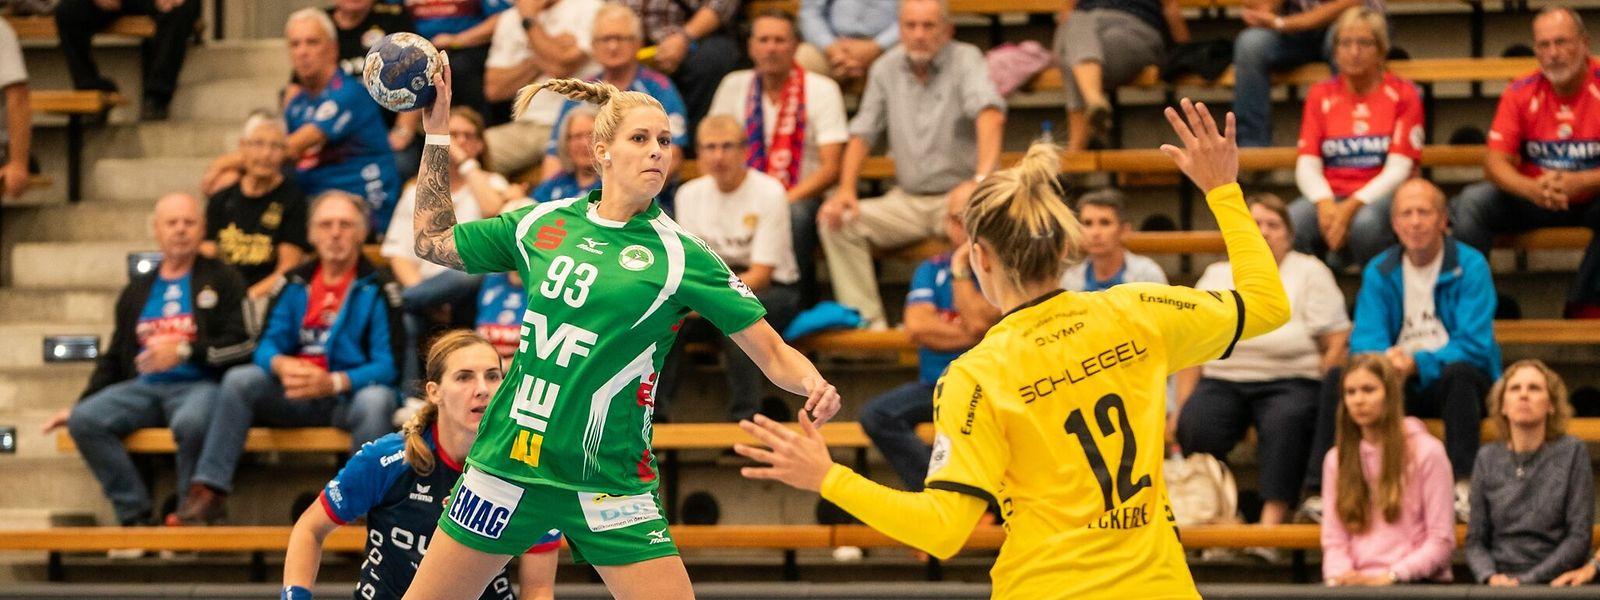 Tina Welter (l.) erzielte in ihrem Bundesligaspiel zwei Tore für Göppingen.